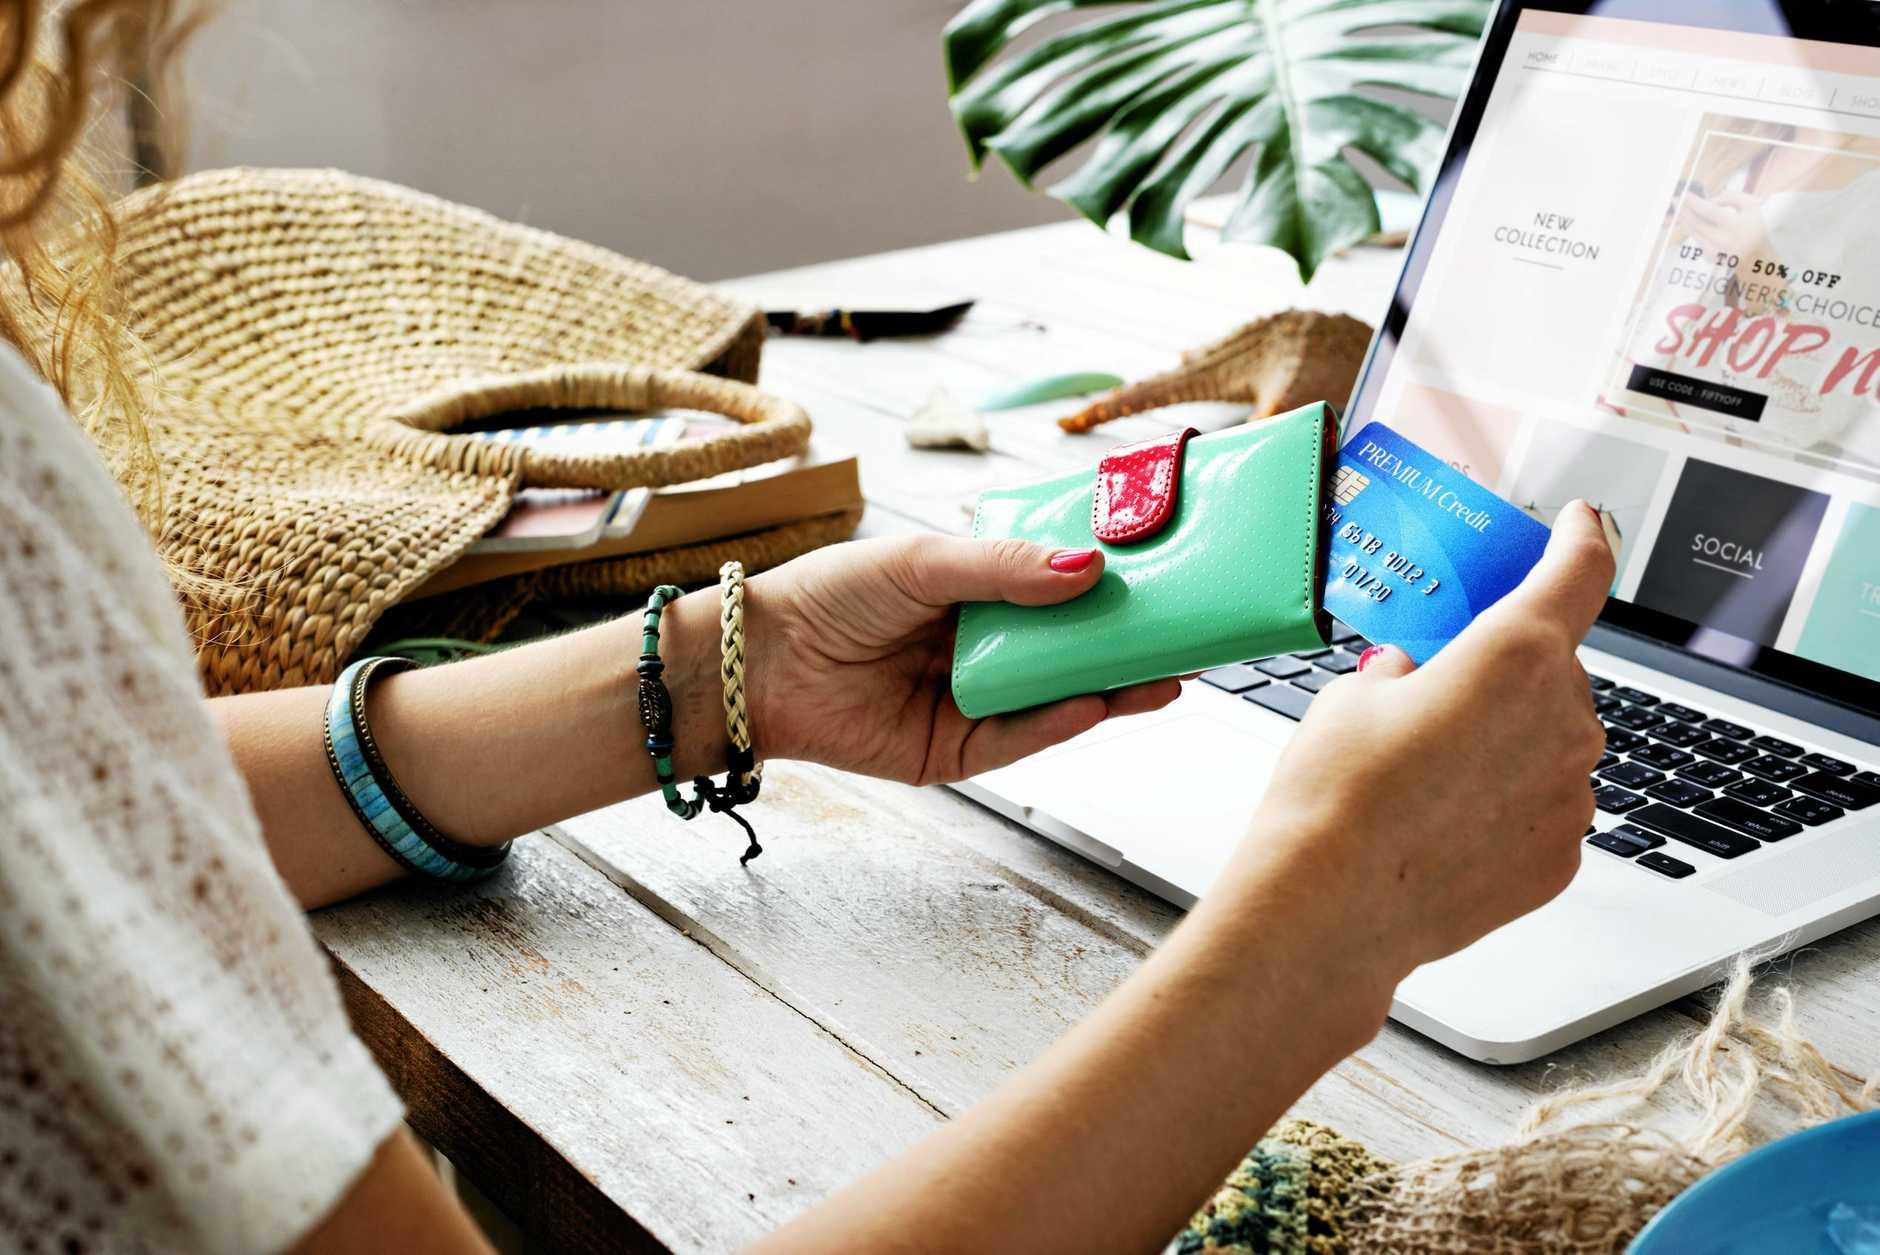 tâm lý khách hàng khi mua hàng, tâm lý khách hàng khi mua hàng online, tâm lý khách hàng khi mua sản phẩm